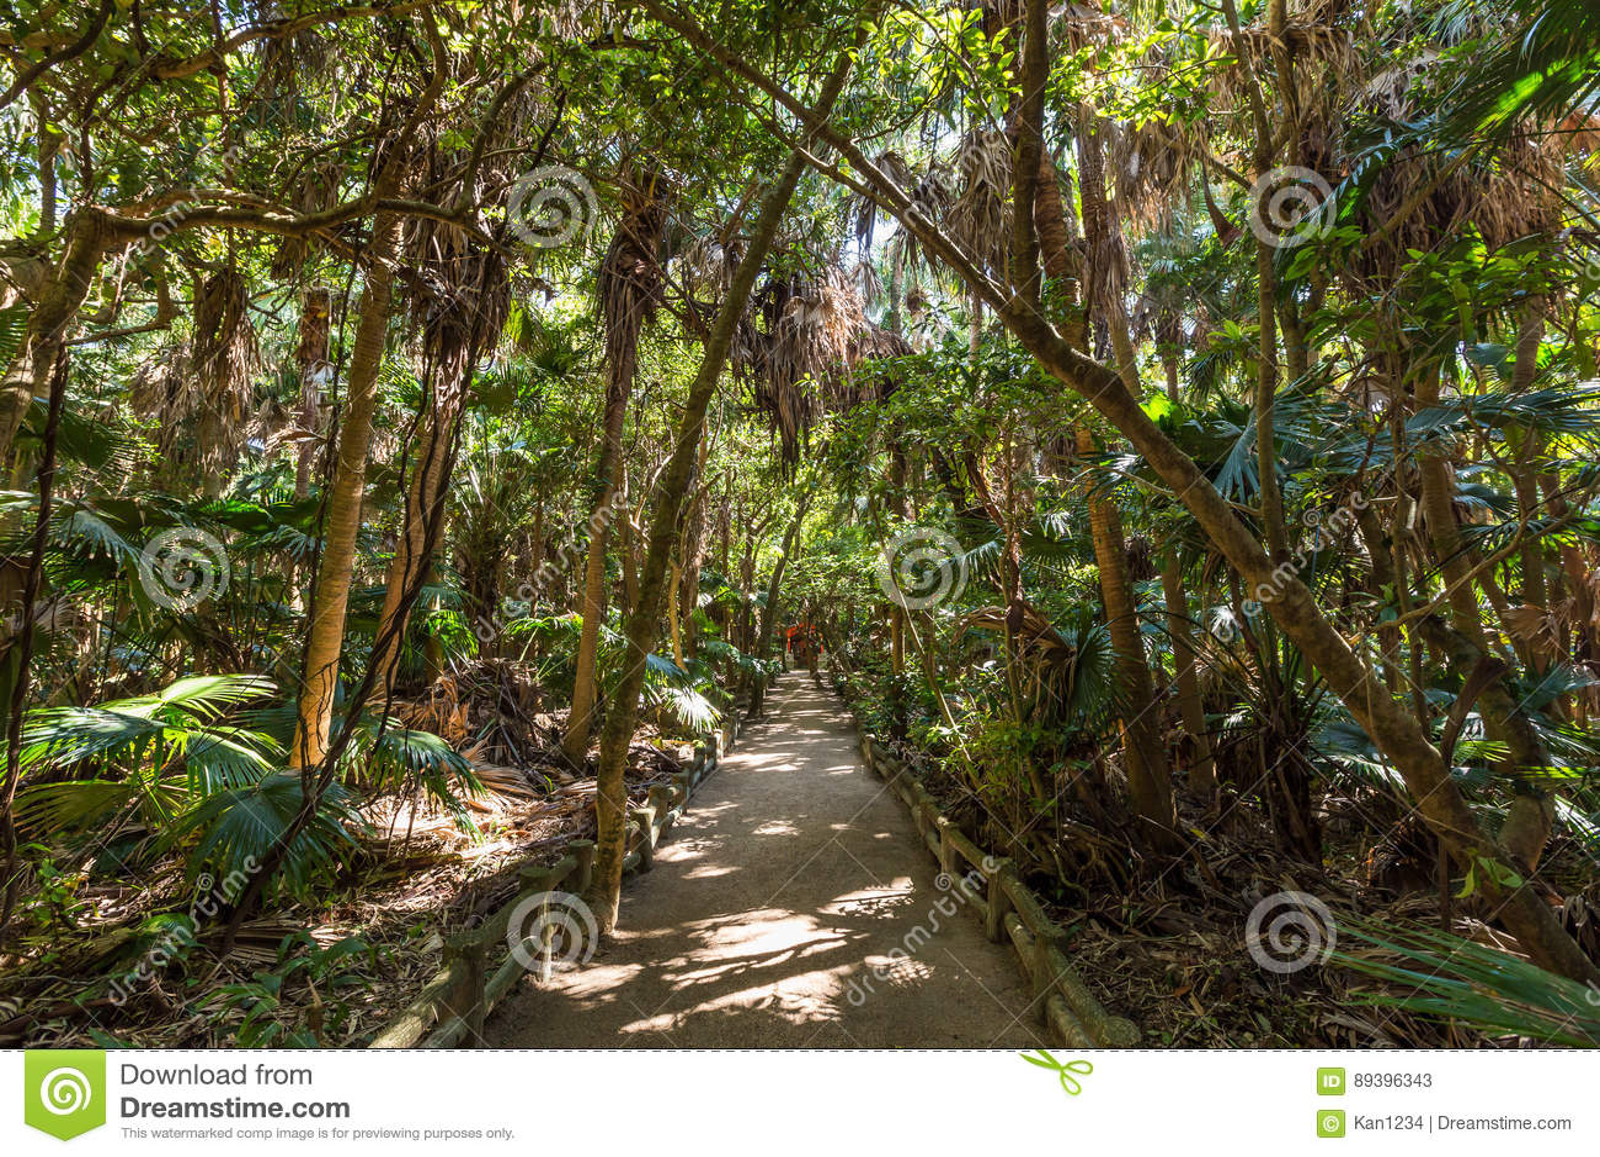 Rain forest park in Aoshima shrine in Miyazaki, Japan